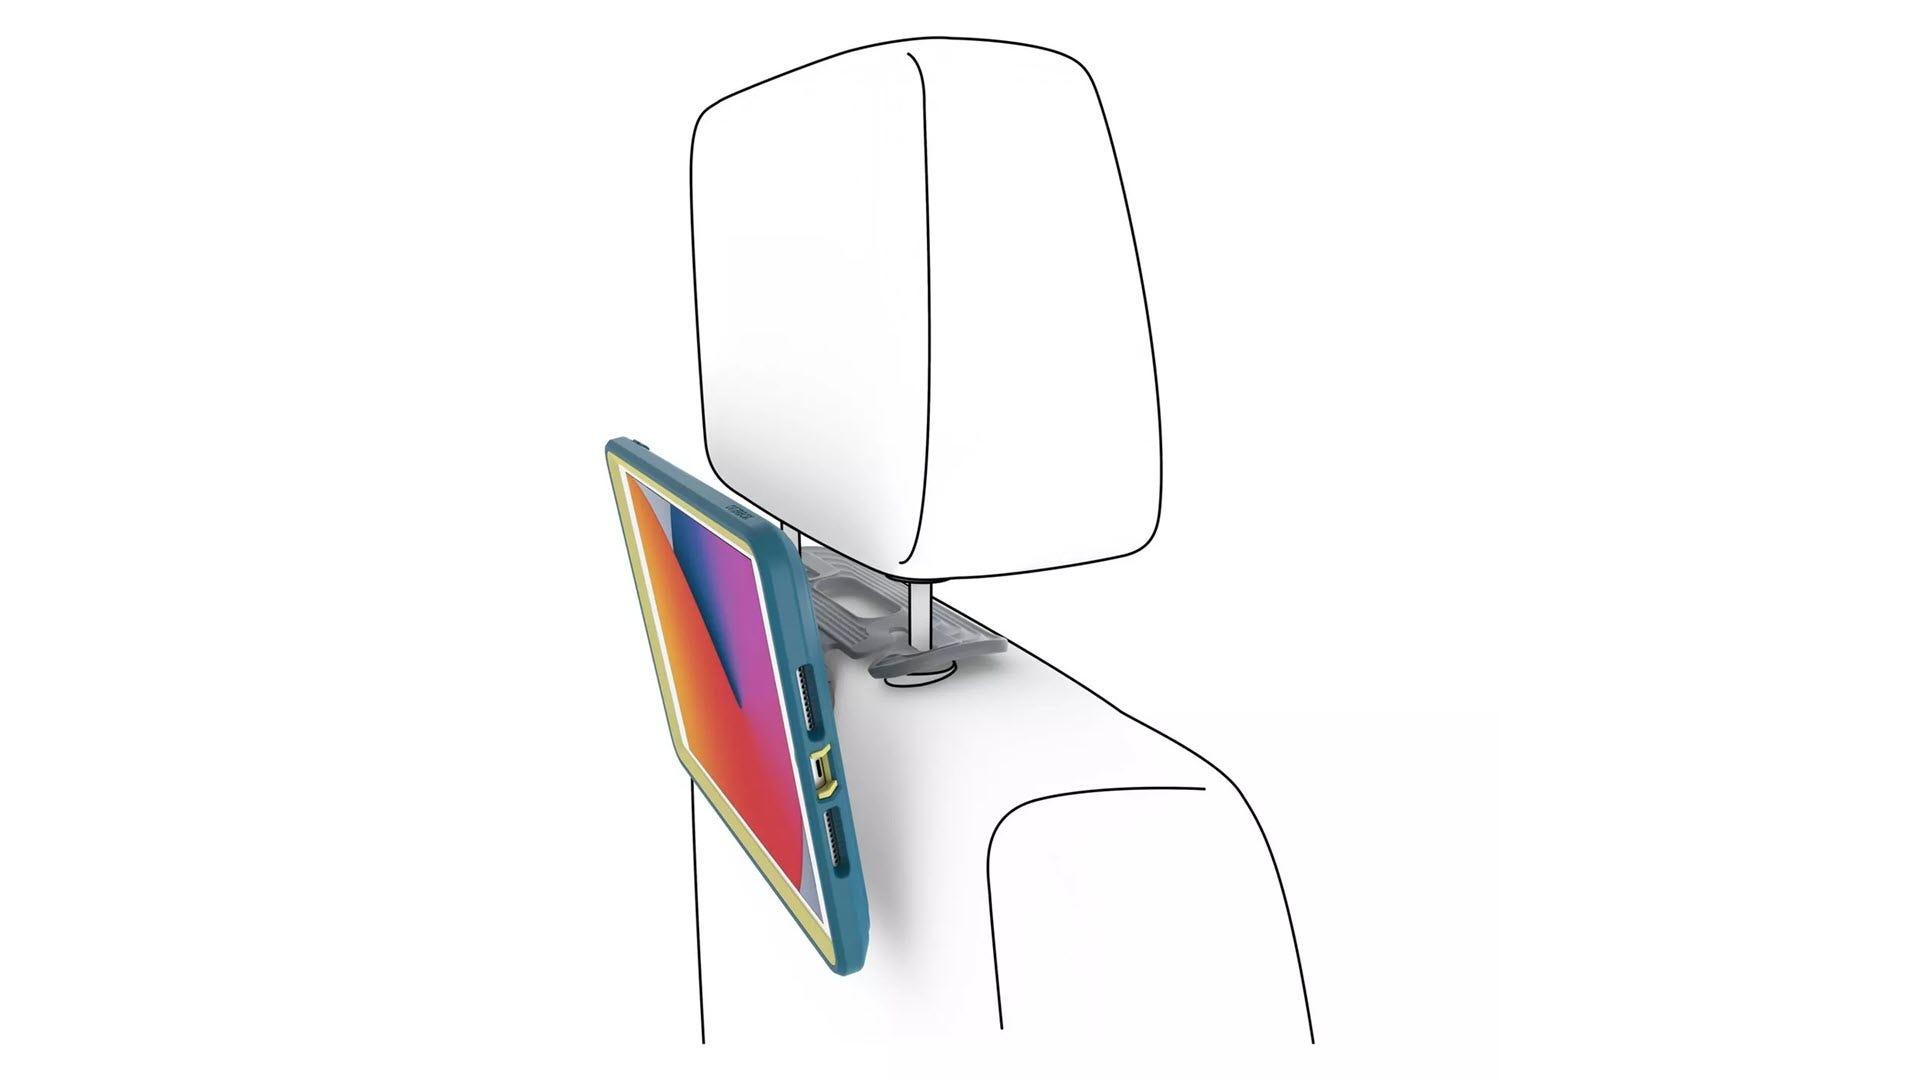 An iPad hanging off a car's headrest.